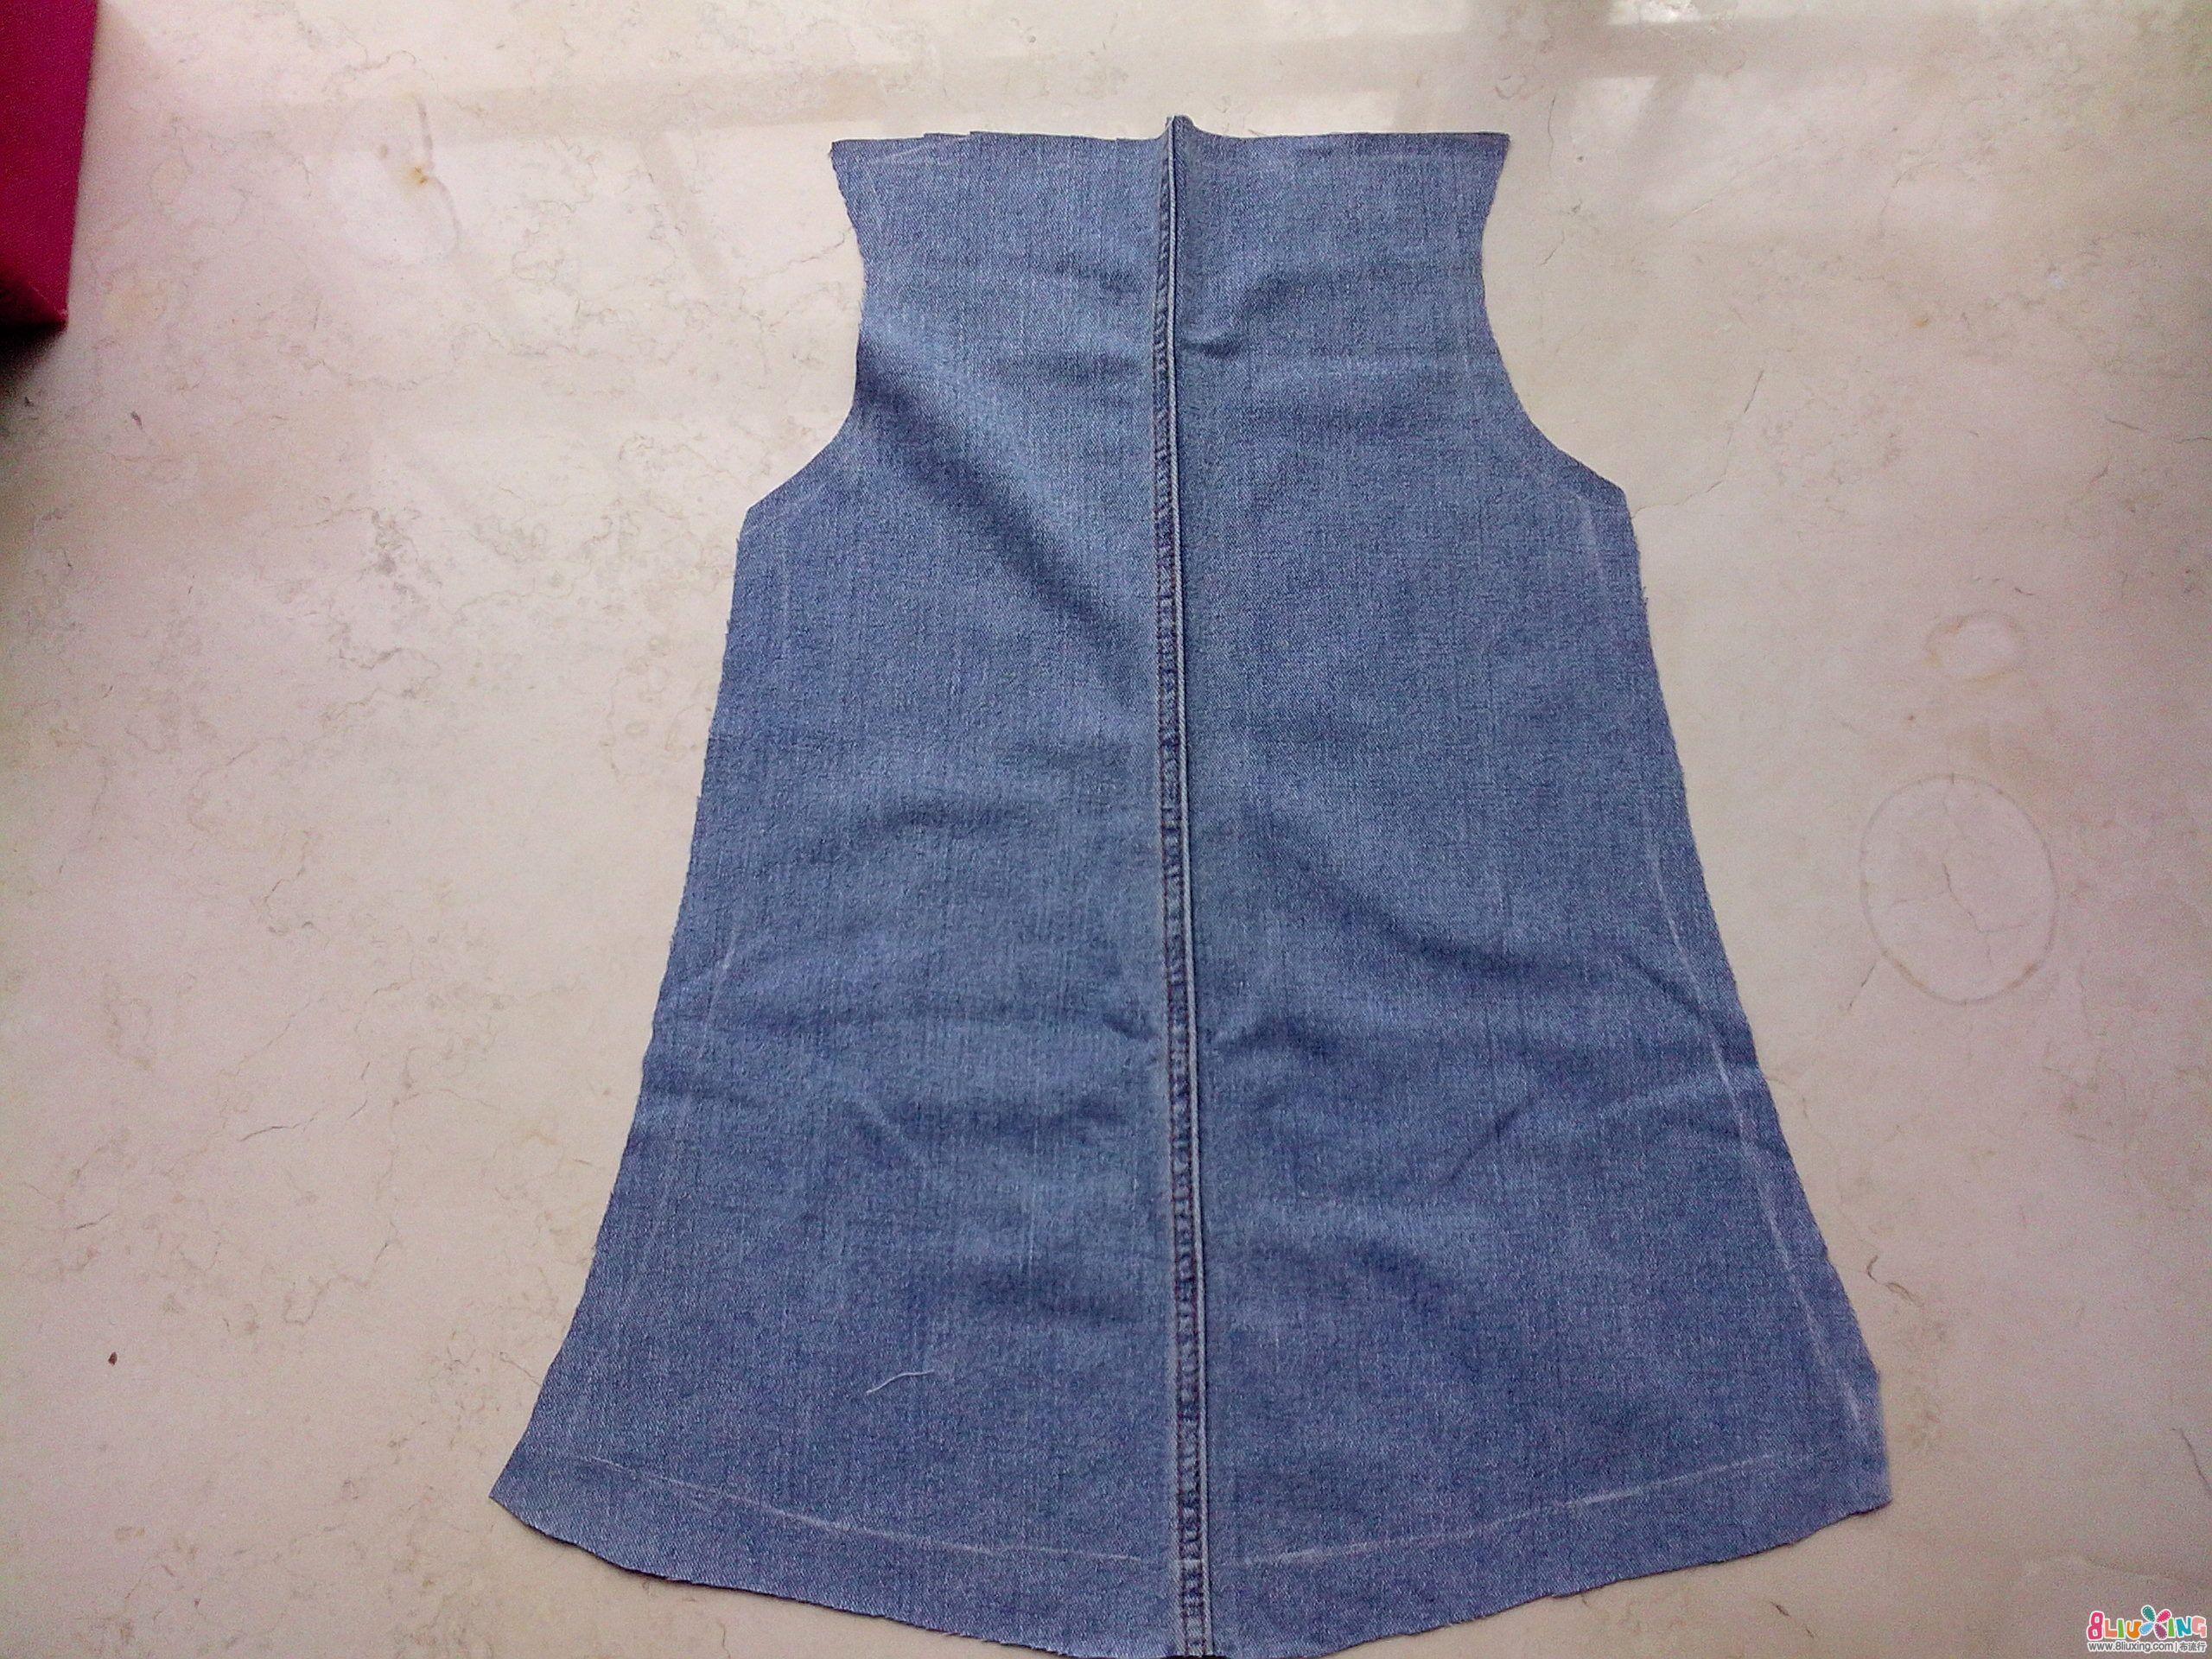 旧牛仔裤改造裙子图解